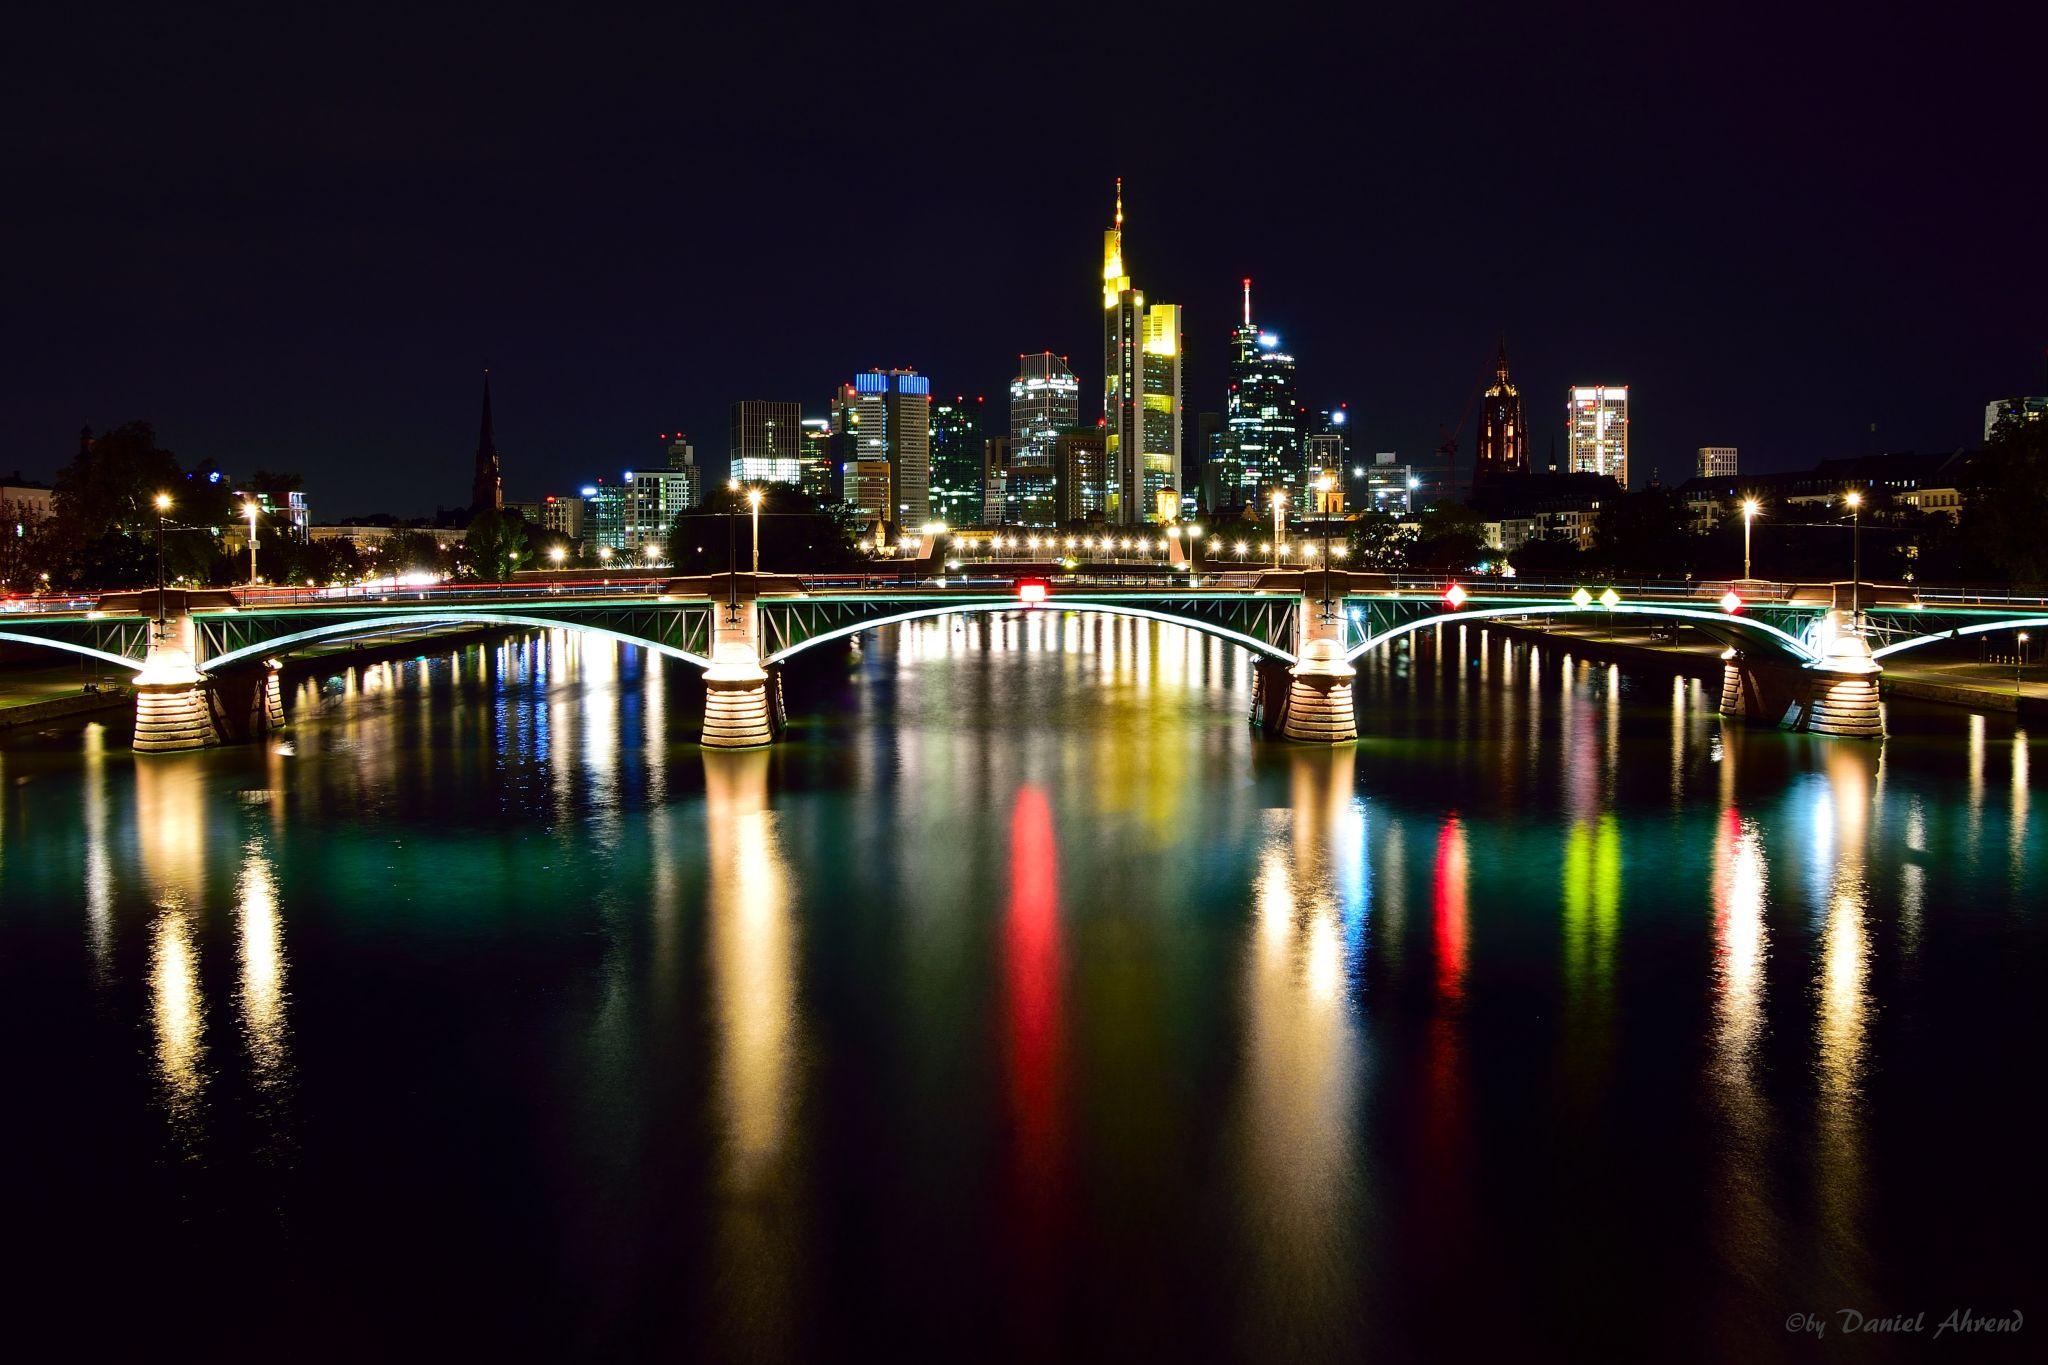 Flößerbrücke, Skyline Frankfurt am Main, Germany